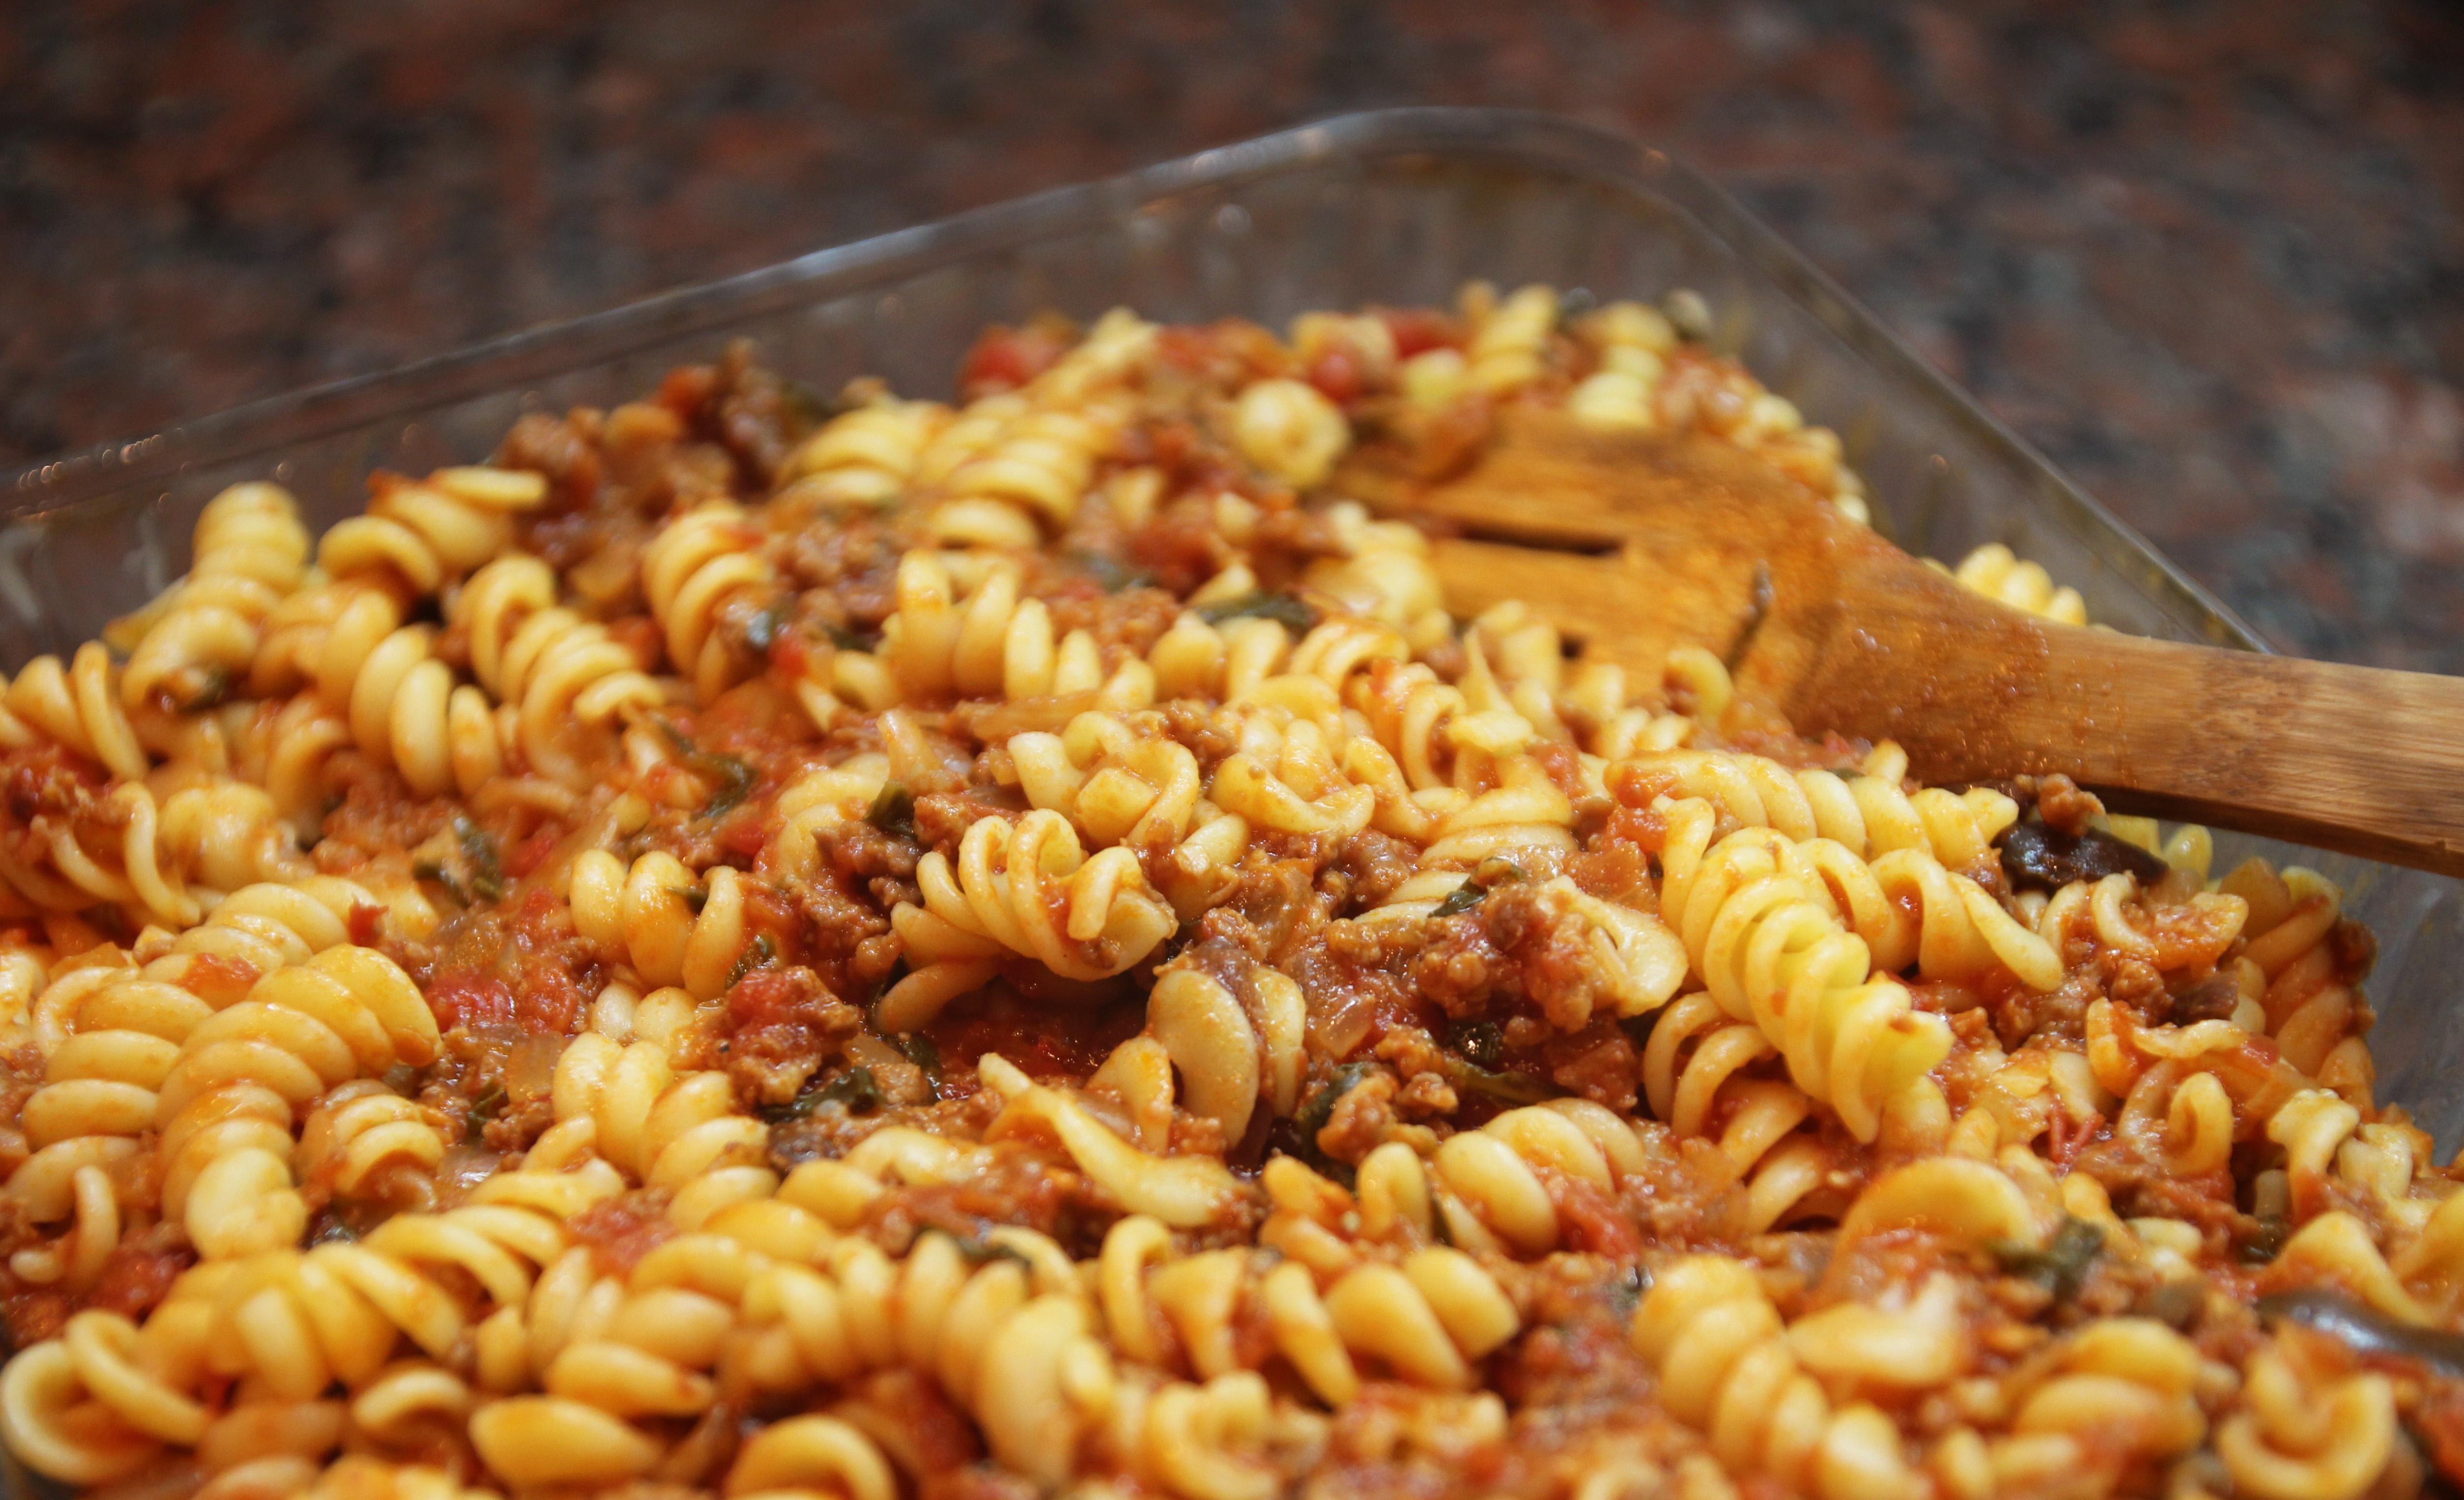 Spiral Pasta with Mediterranean Meat Sauce